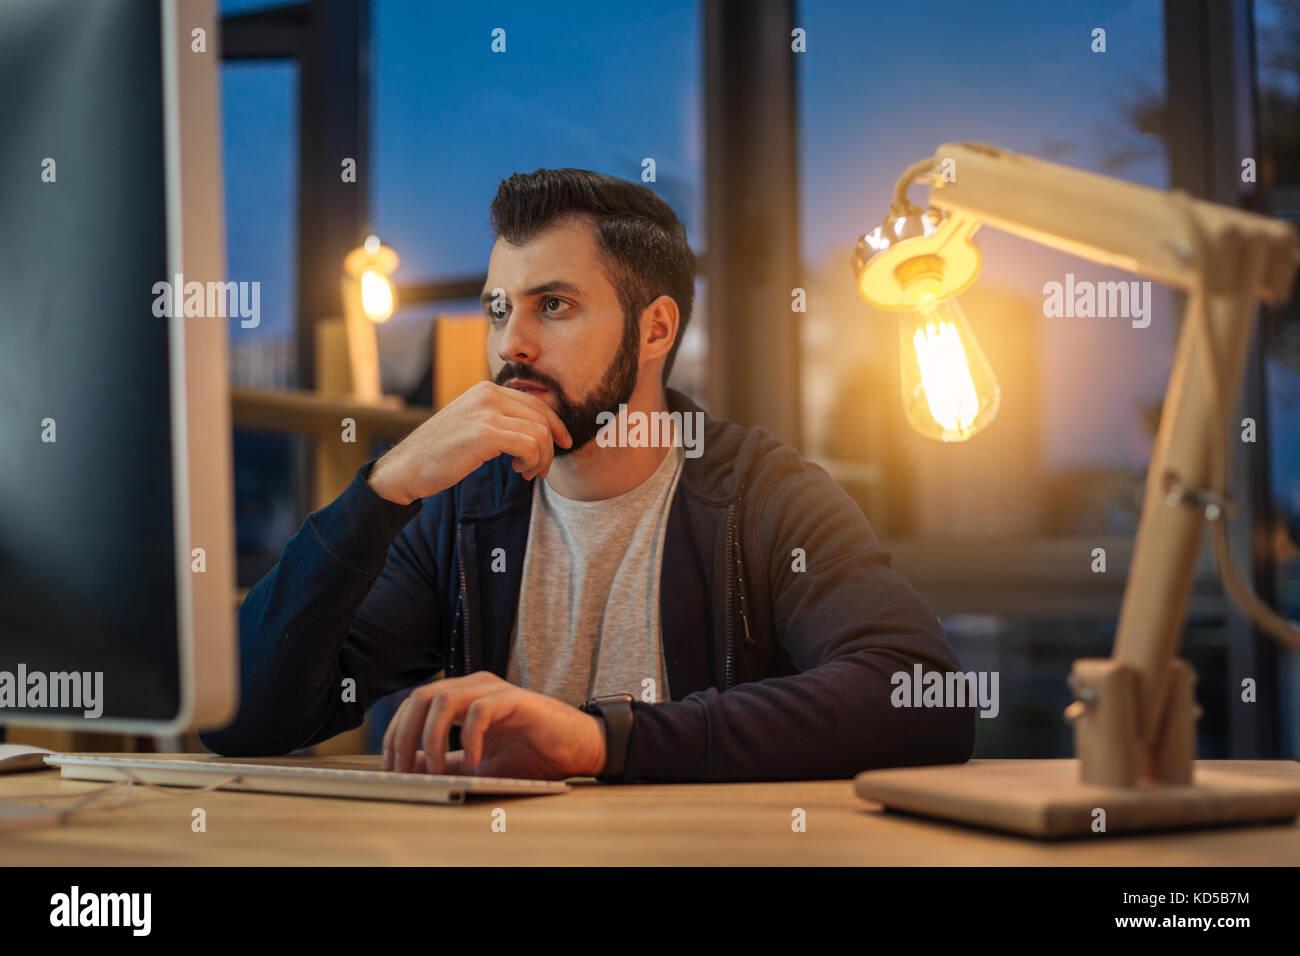 Atento trabajador de oficina haciendo su trabajo Imagen De Stock